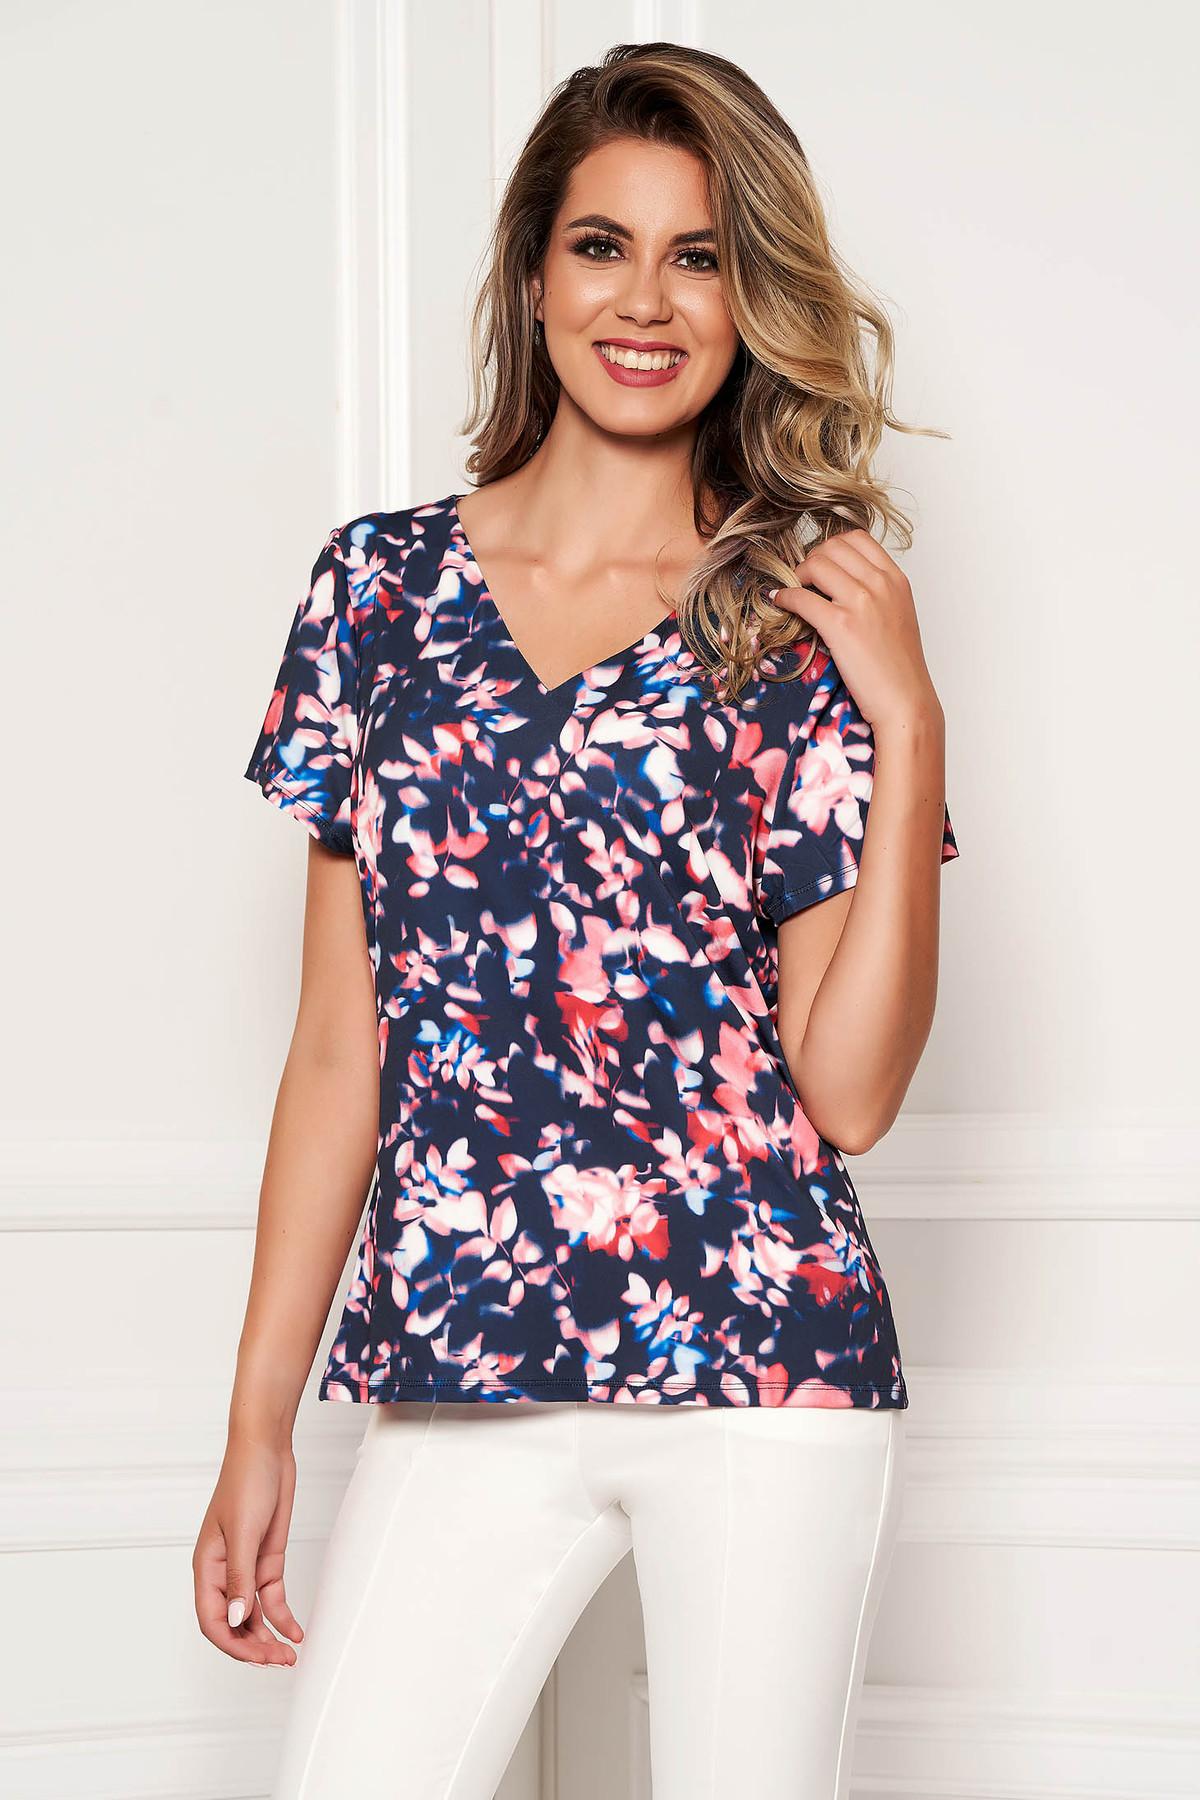 Bluza dama albastru-inchis SunShine cu imprimeuri florale si cu maneca scurta